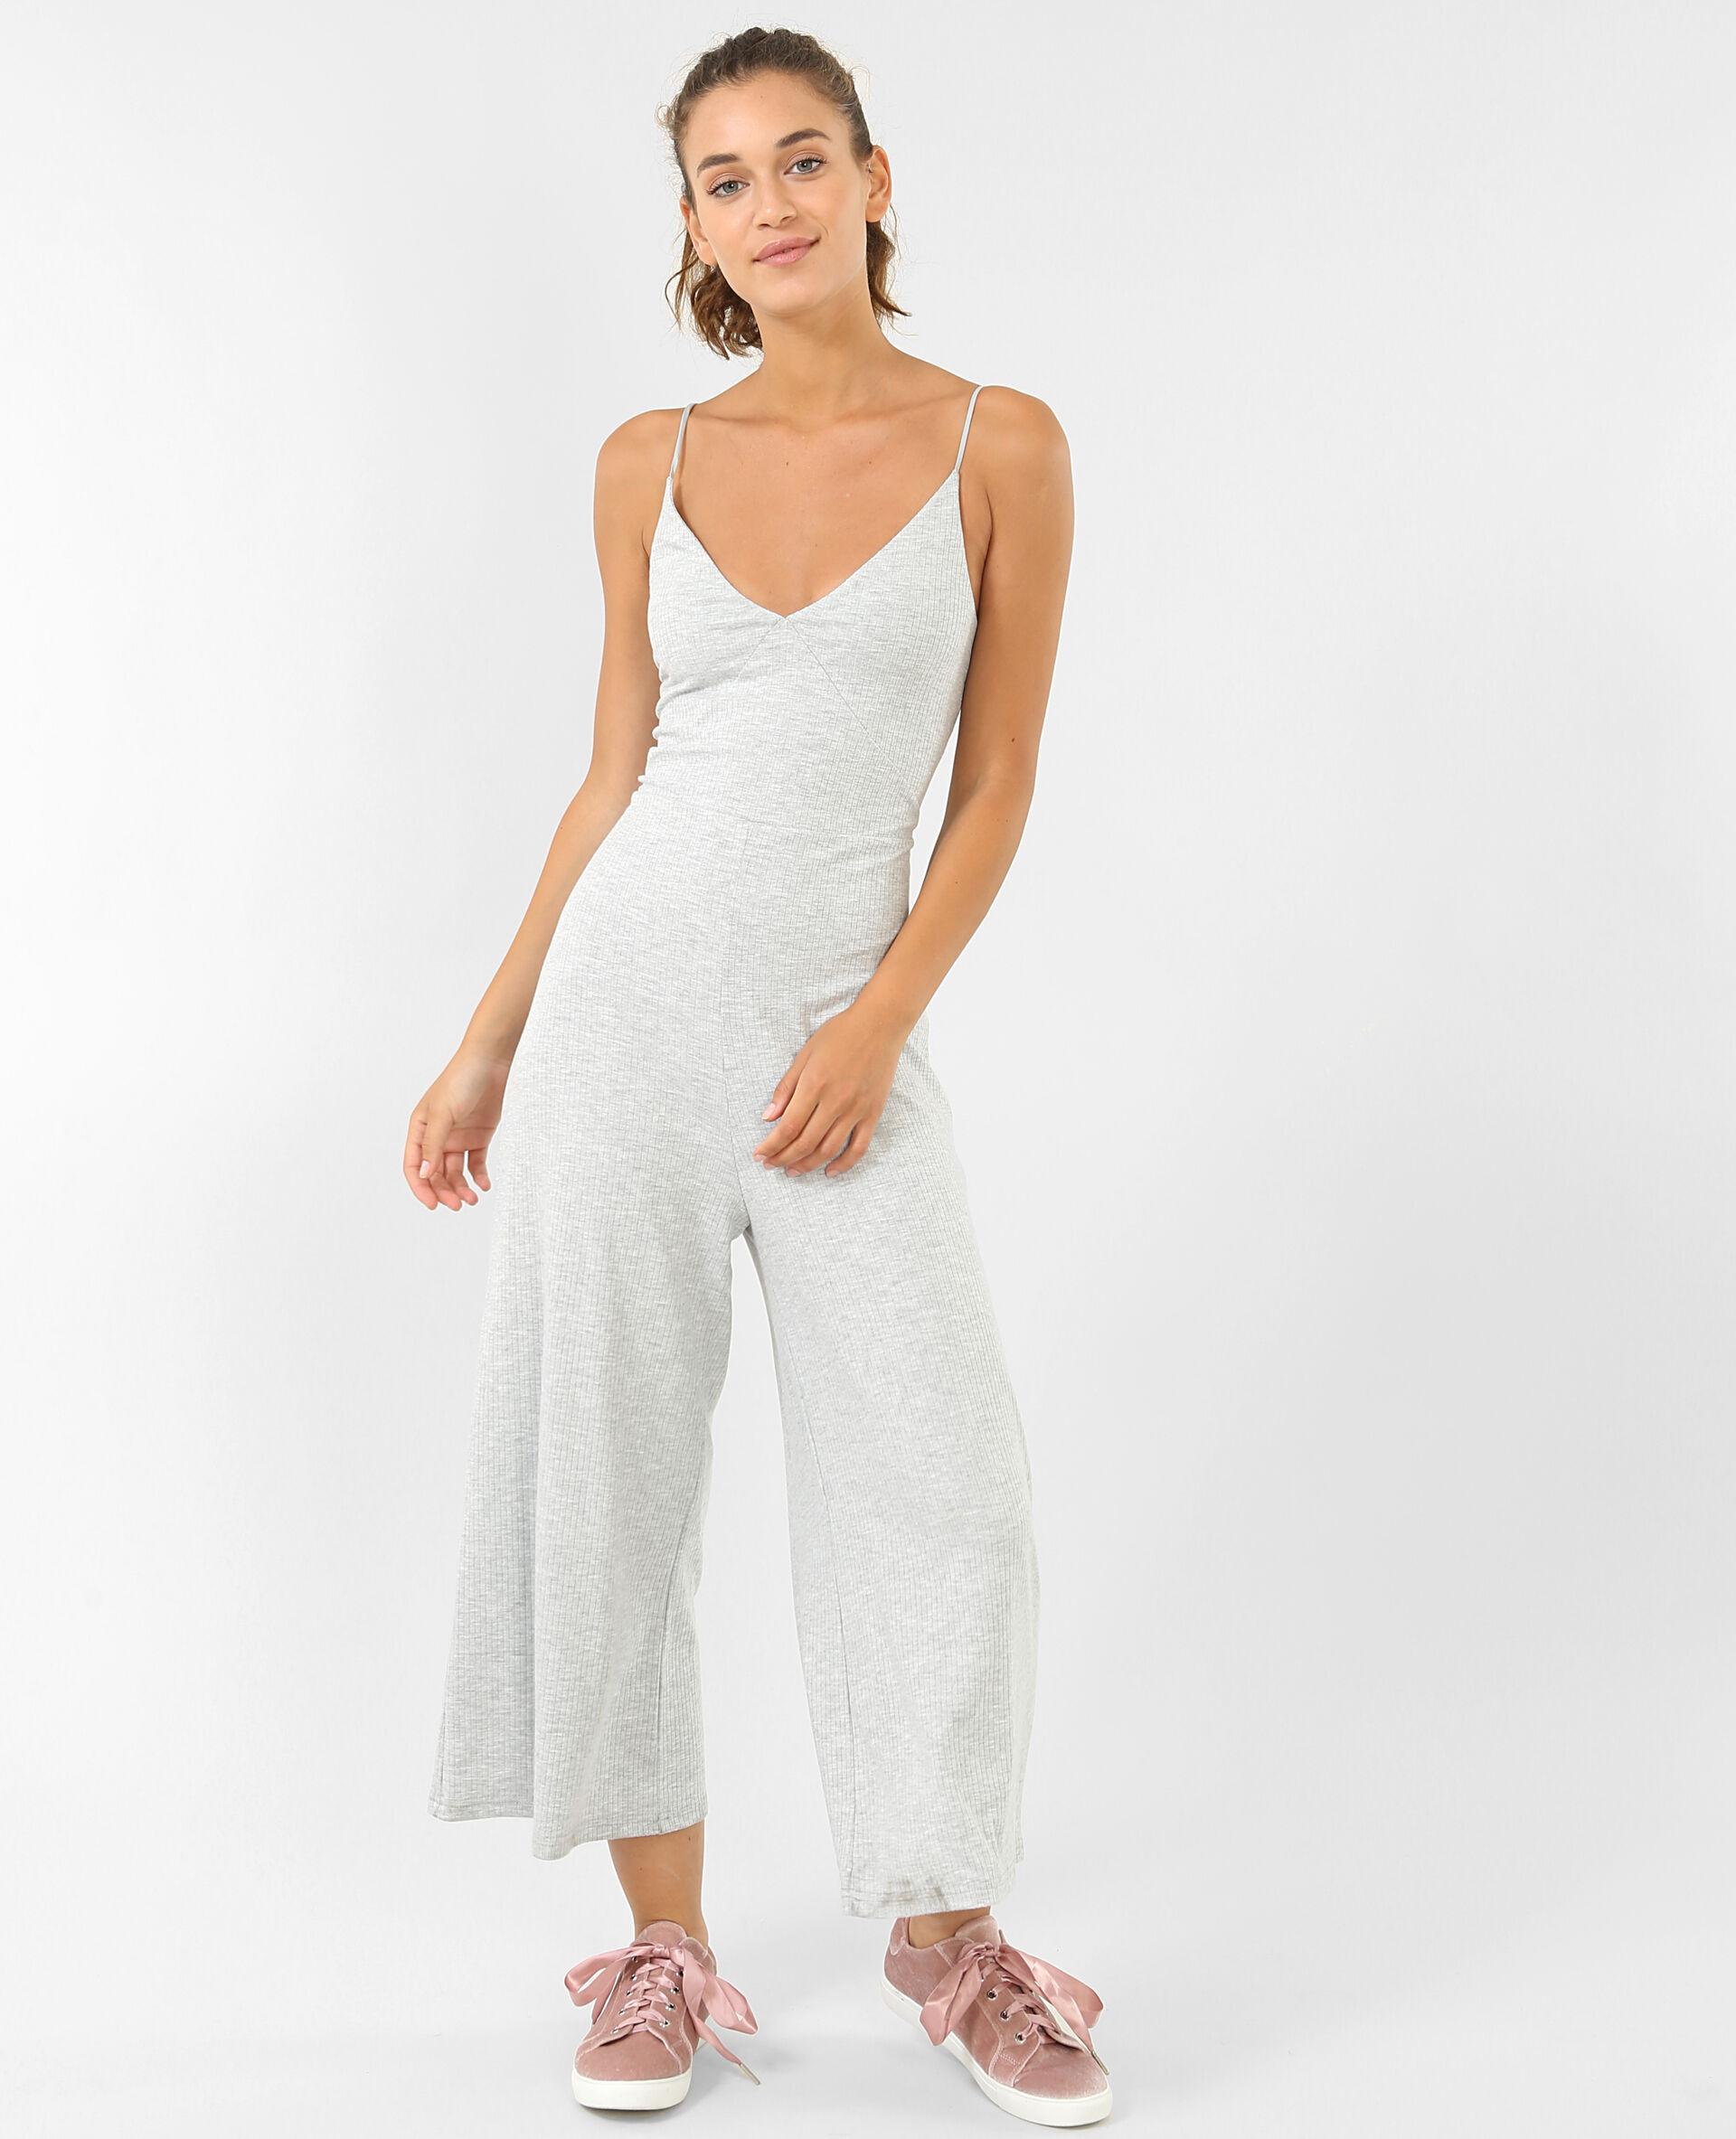 ⏳ Combinaison jupe-culotte Femme -50% - Couleur gris chiné - Taille M - PIMKIE - MODE FEMME